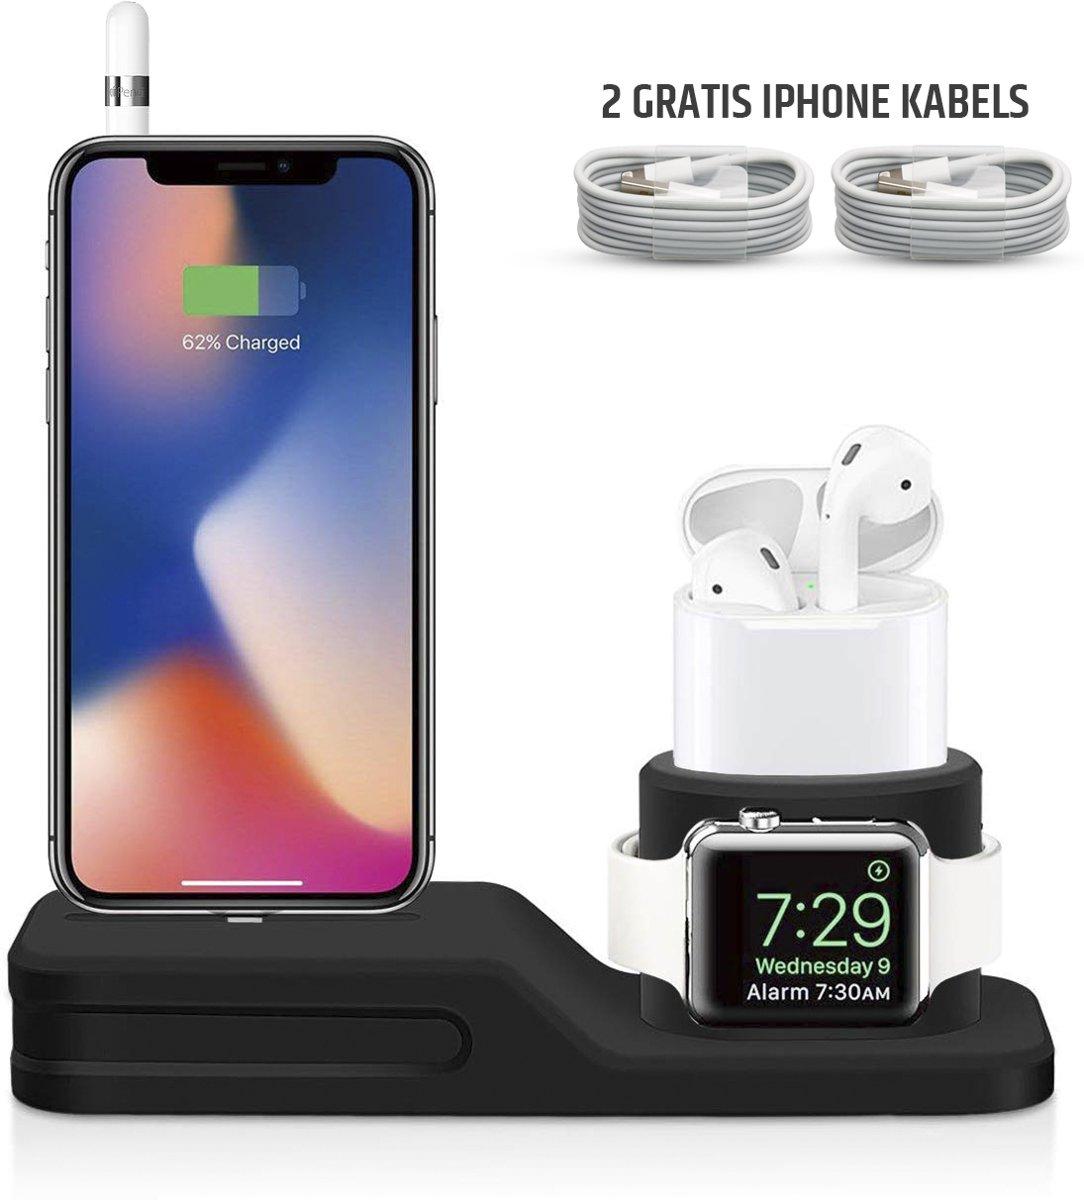 iGadgets™ 4 in 1 Apple Docking Station - Oplaadstation voor Apple iPhone, Apple Watch, Airpods en Apple Pencil – Inclusief 2 Lightning Oplaadkabels – Hoogwaardig Siliconen Materiaal – Zwart – E Shoppr® kopen